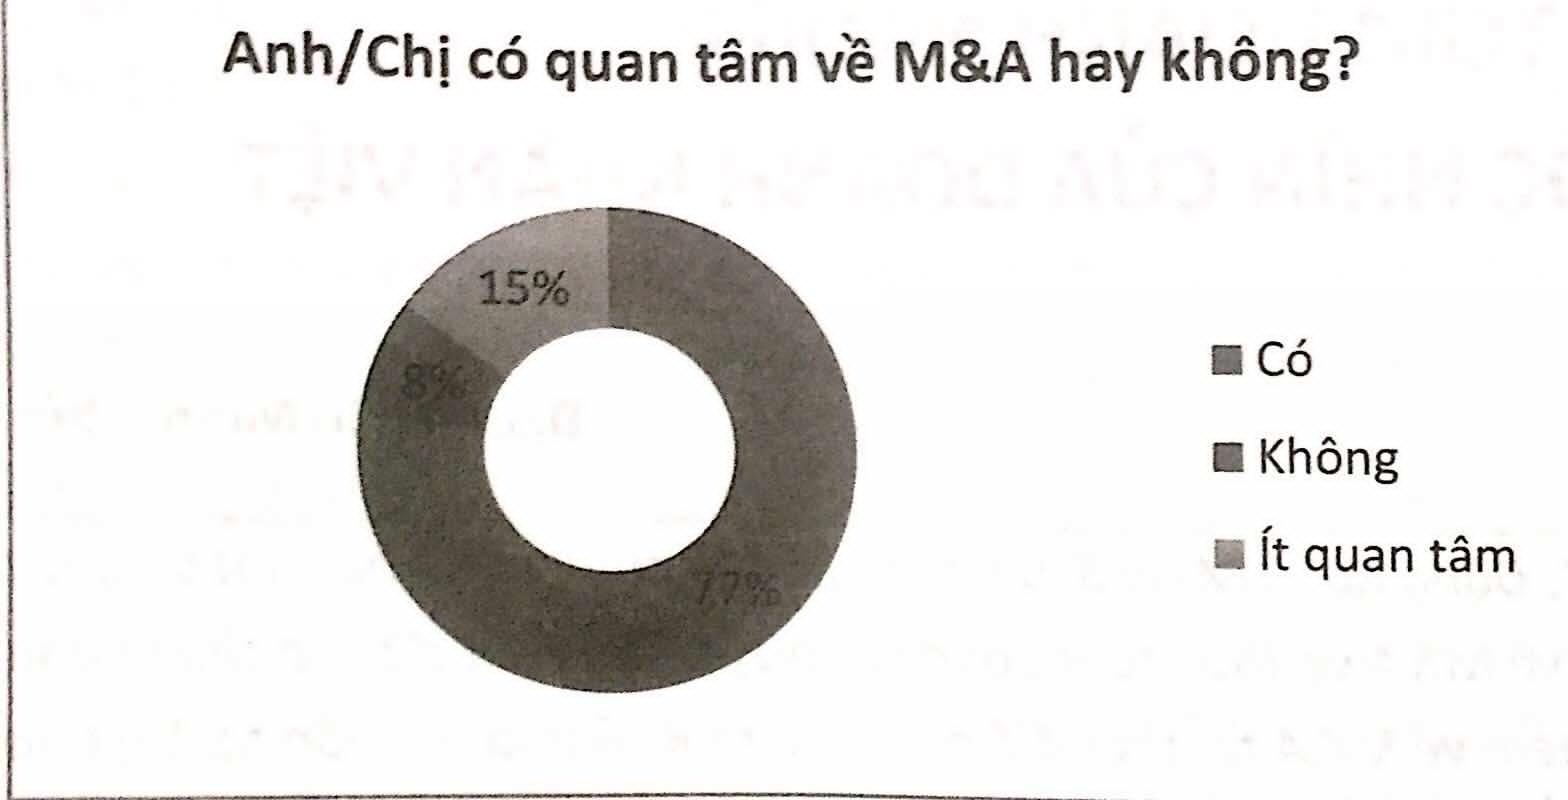 Quan tâm đến M&A hay không?